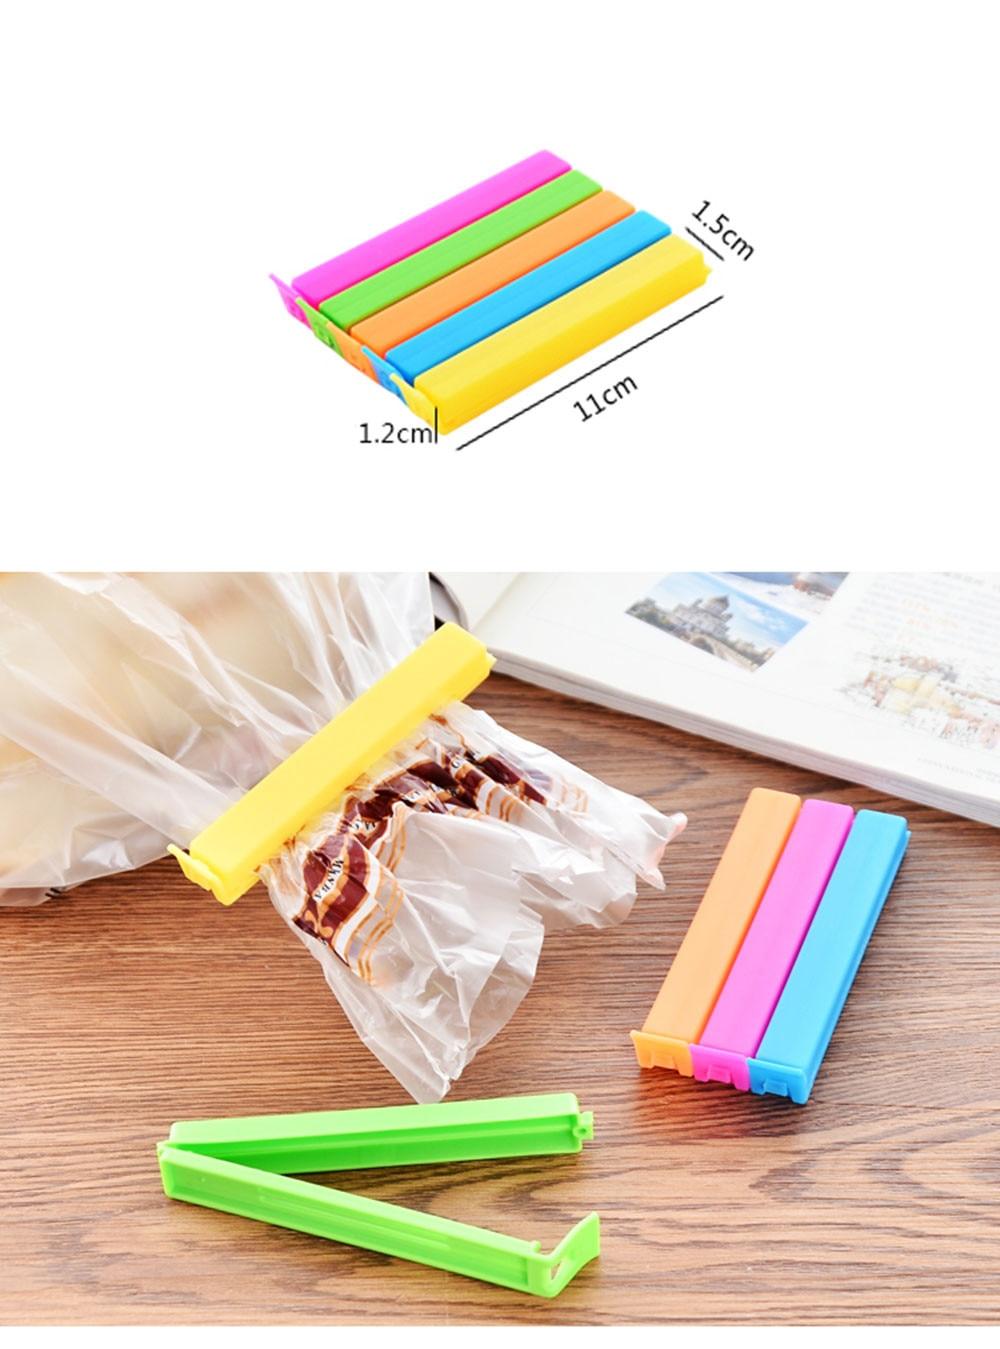 CUSHAWFAMILY 5 шт./лот цветной мешок клип контейнер для закусок сохранение зажимы для пакетов ароматизатор пакет для мусора кухня бытовой инструмент